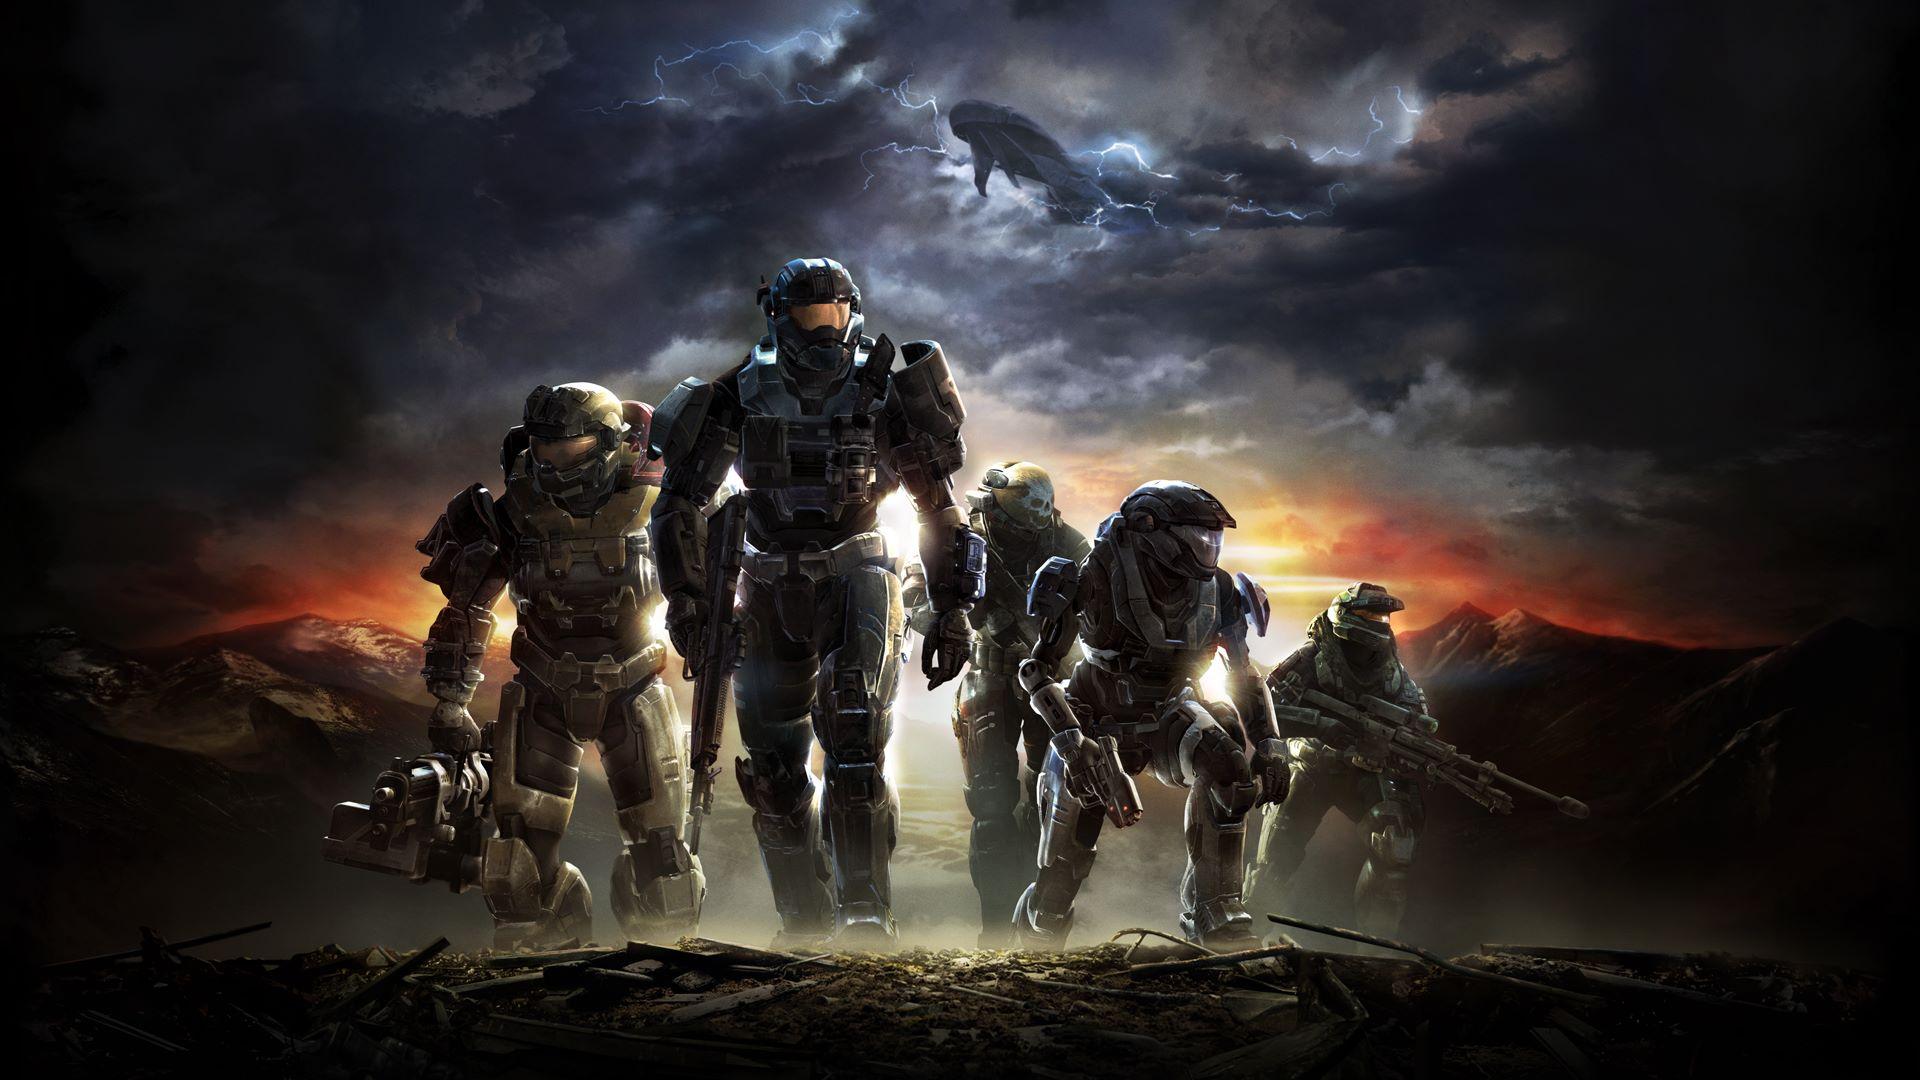 Публичное тестирование Halo: The Master Chief Collection для PC перенесли на неопределённый срок